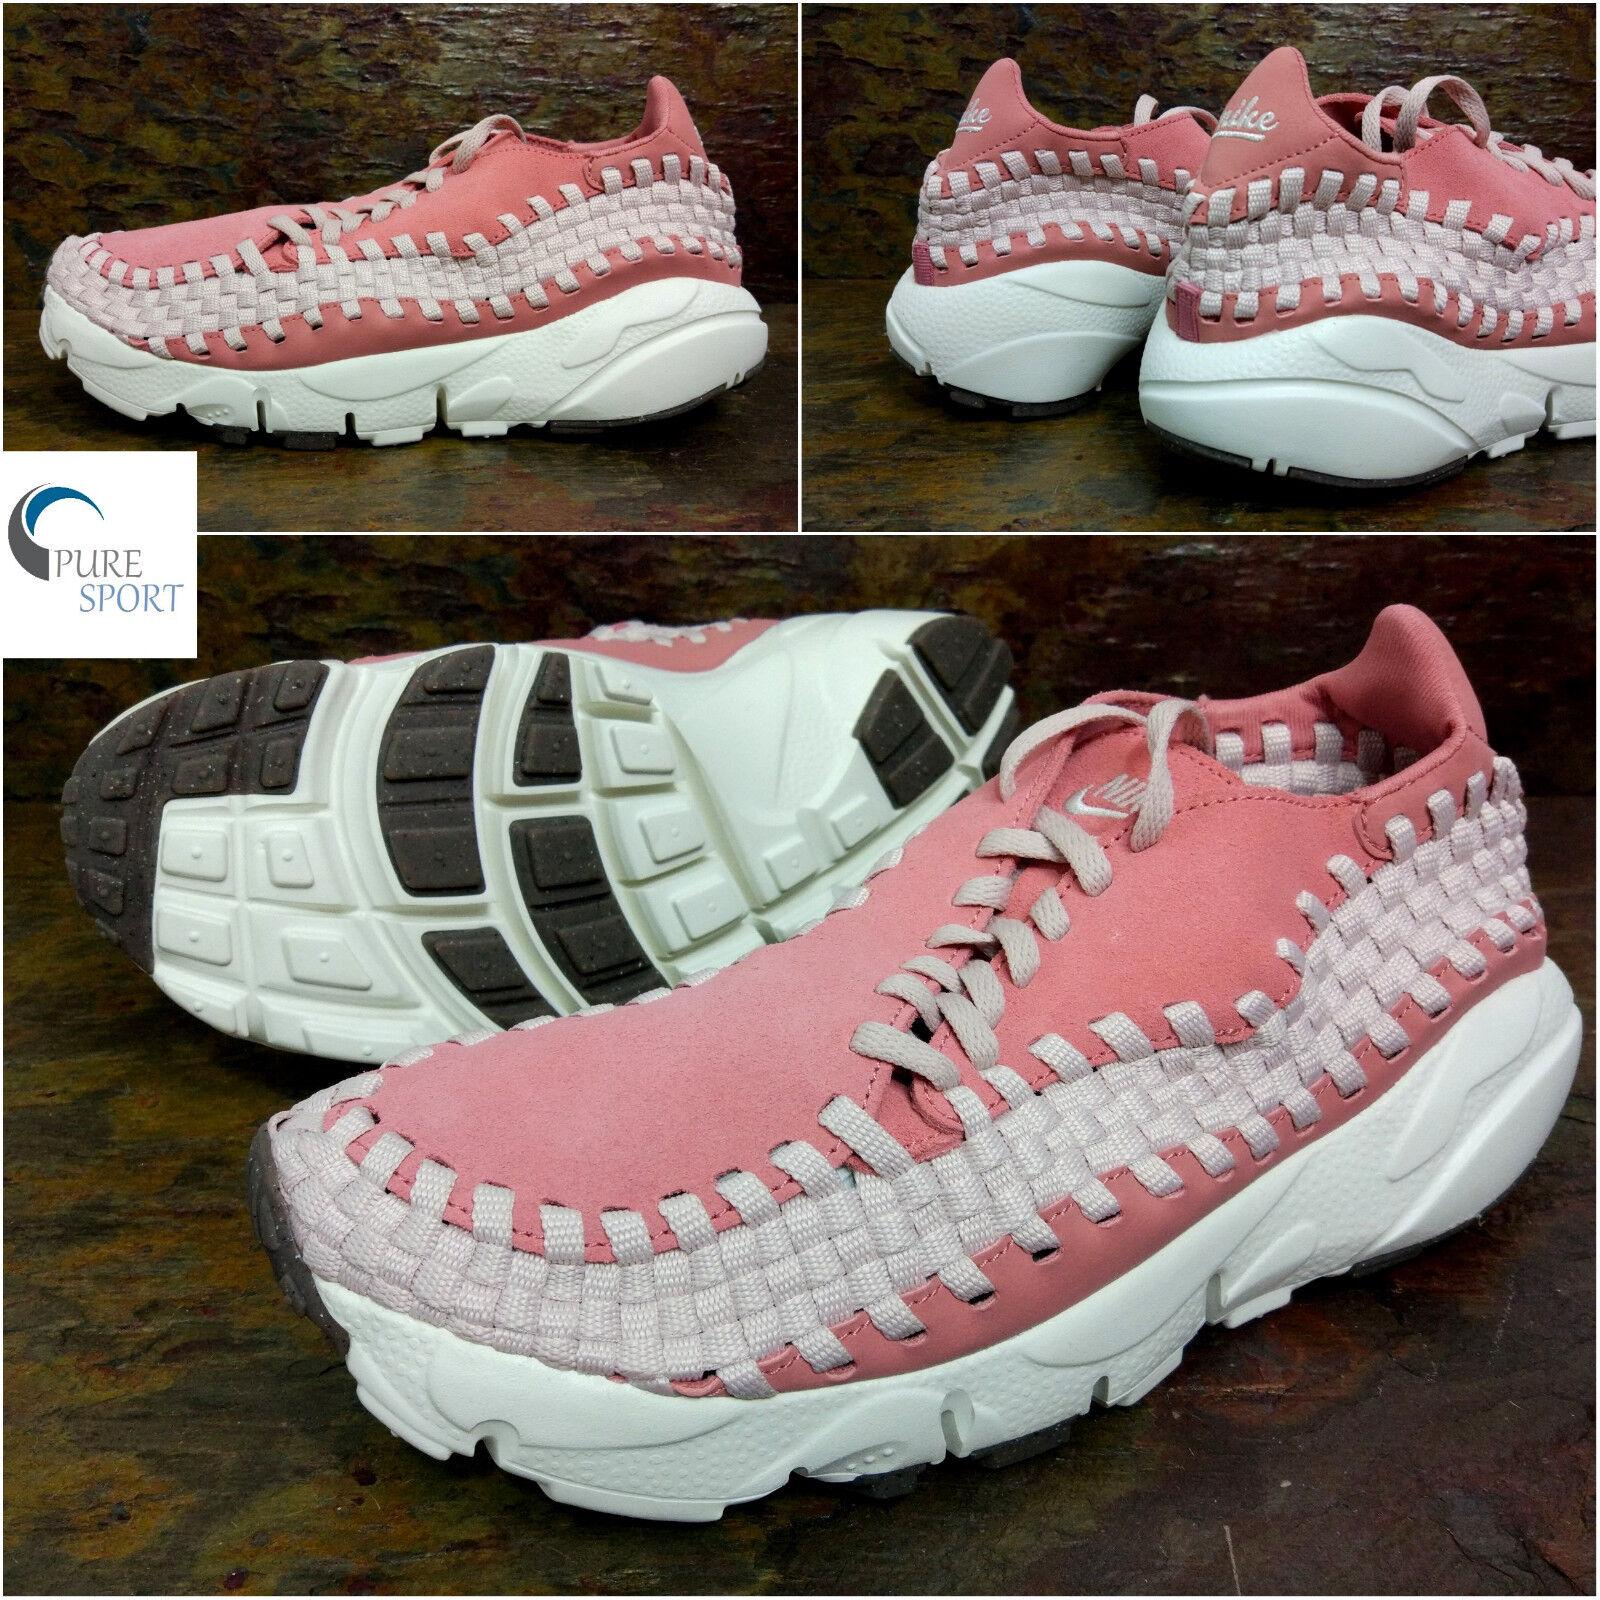 Nike air footscape tessuti nuovi formatori dimensione ue delle donne 917698 600 pures 41 | Di Alta Qualità Ed Economico  | Uomini/Donne Scarpa